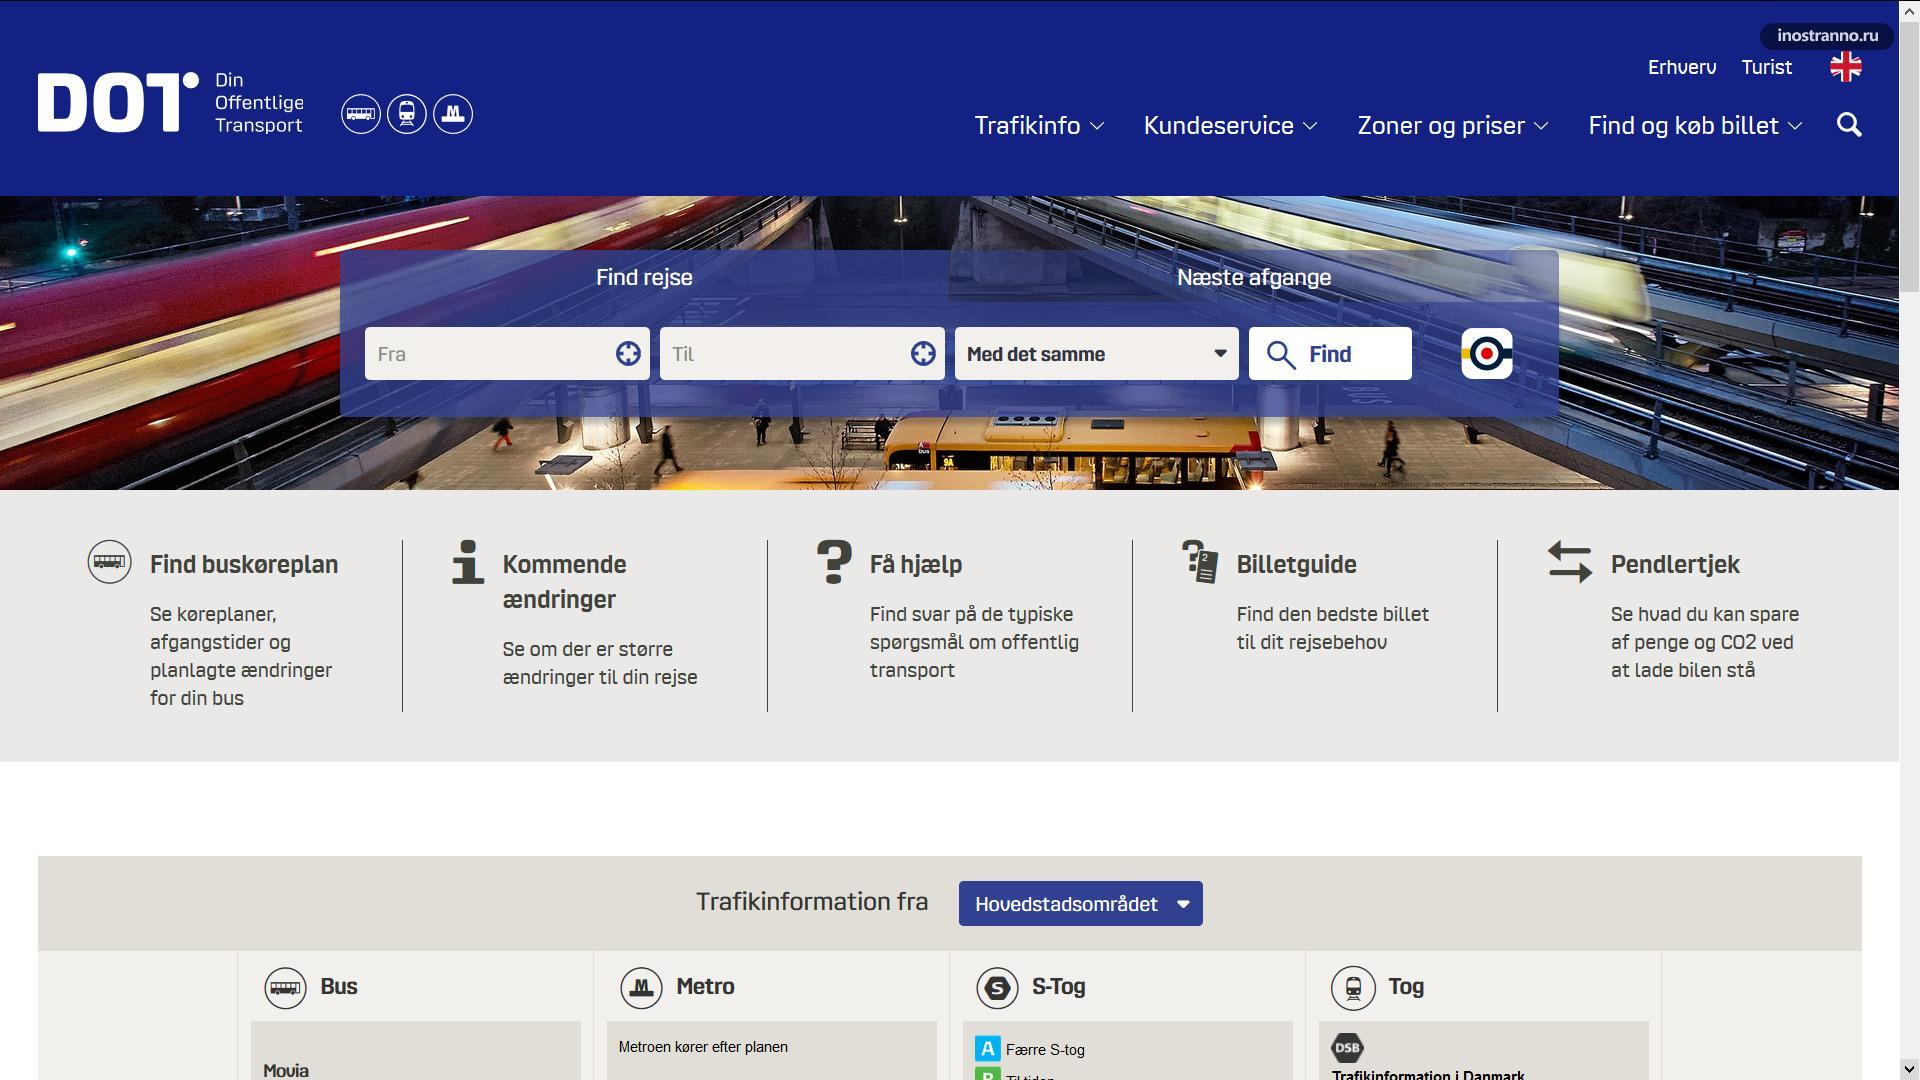 Официальный сайт общественного транспорта Копенгагена